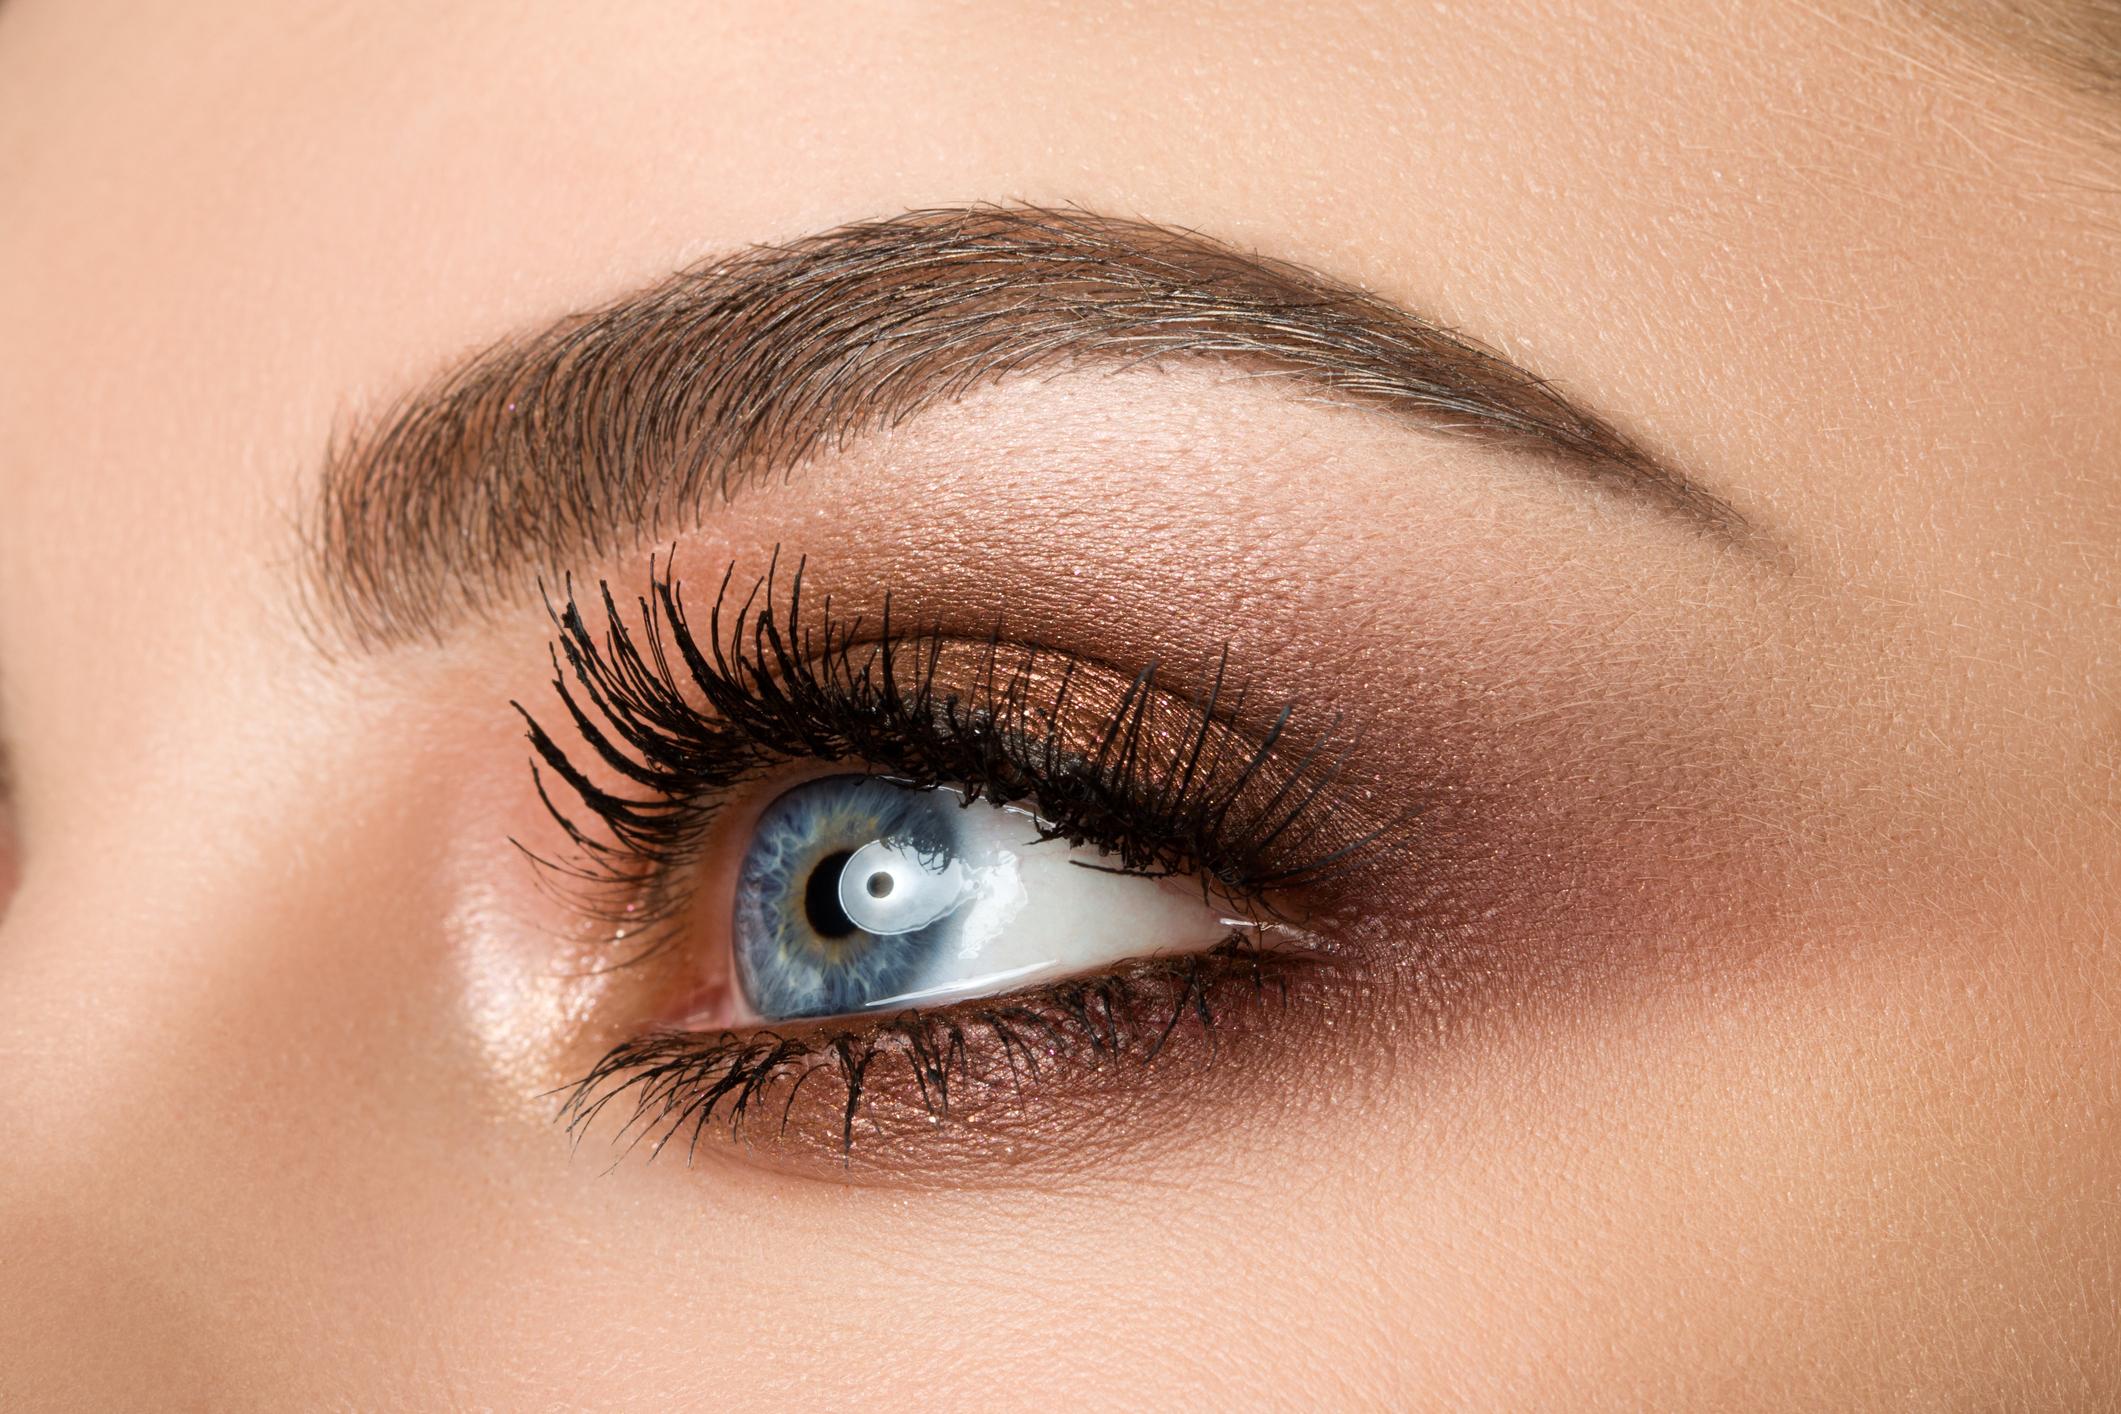 9b76853524cd Ποια σκιά να προτιμήσεις σύμφωνα με το χρώμα των ματιών σου ...